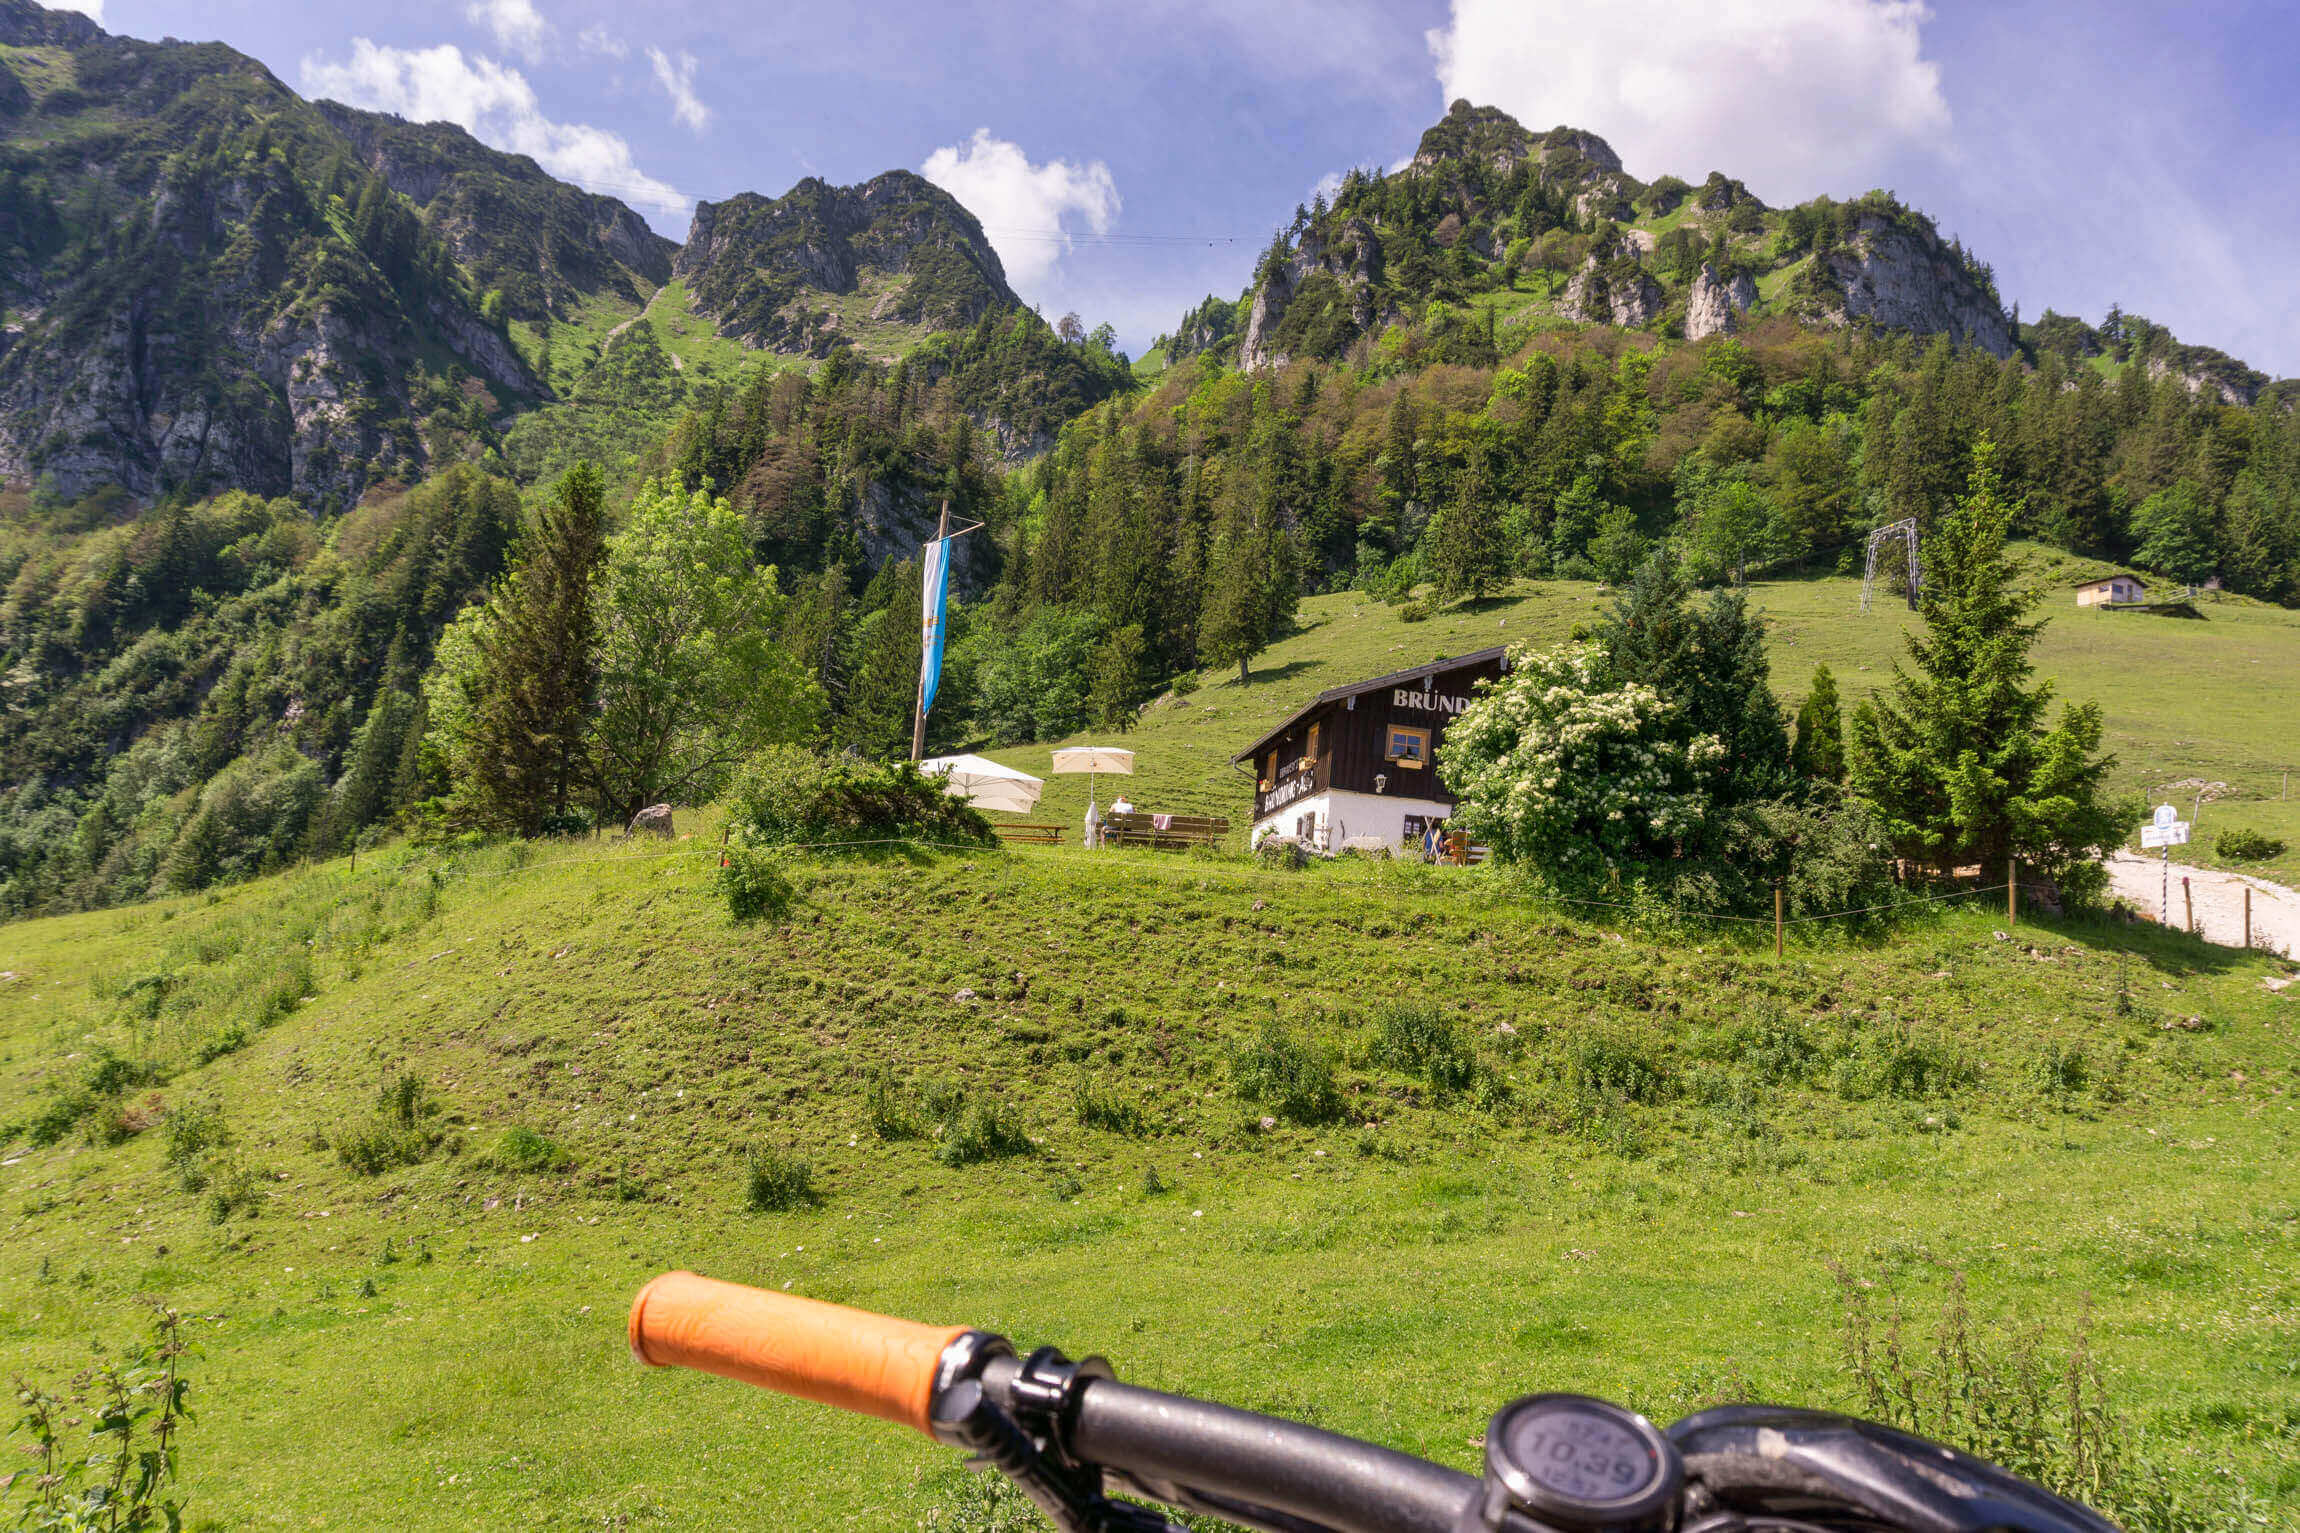 Bike + Hike Hochefelln